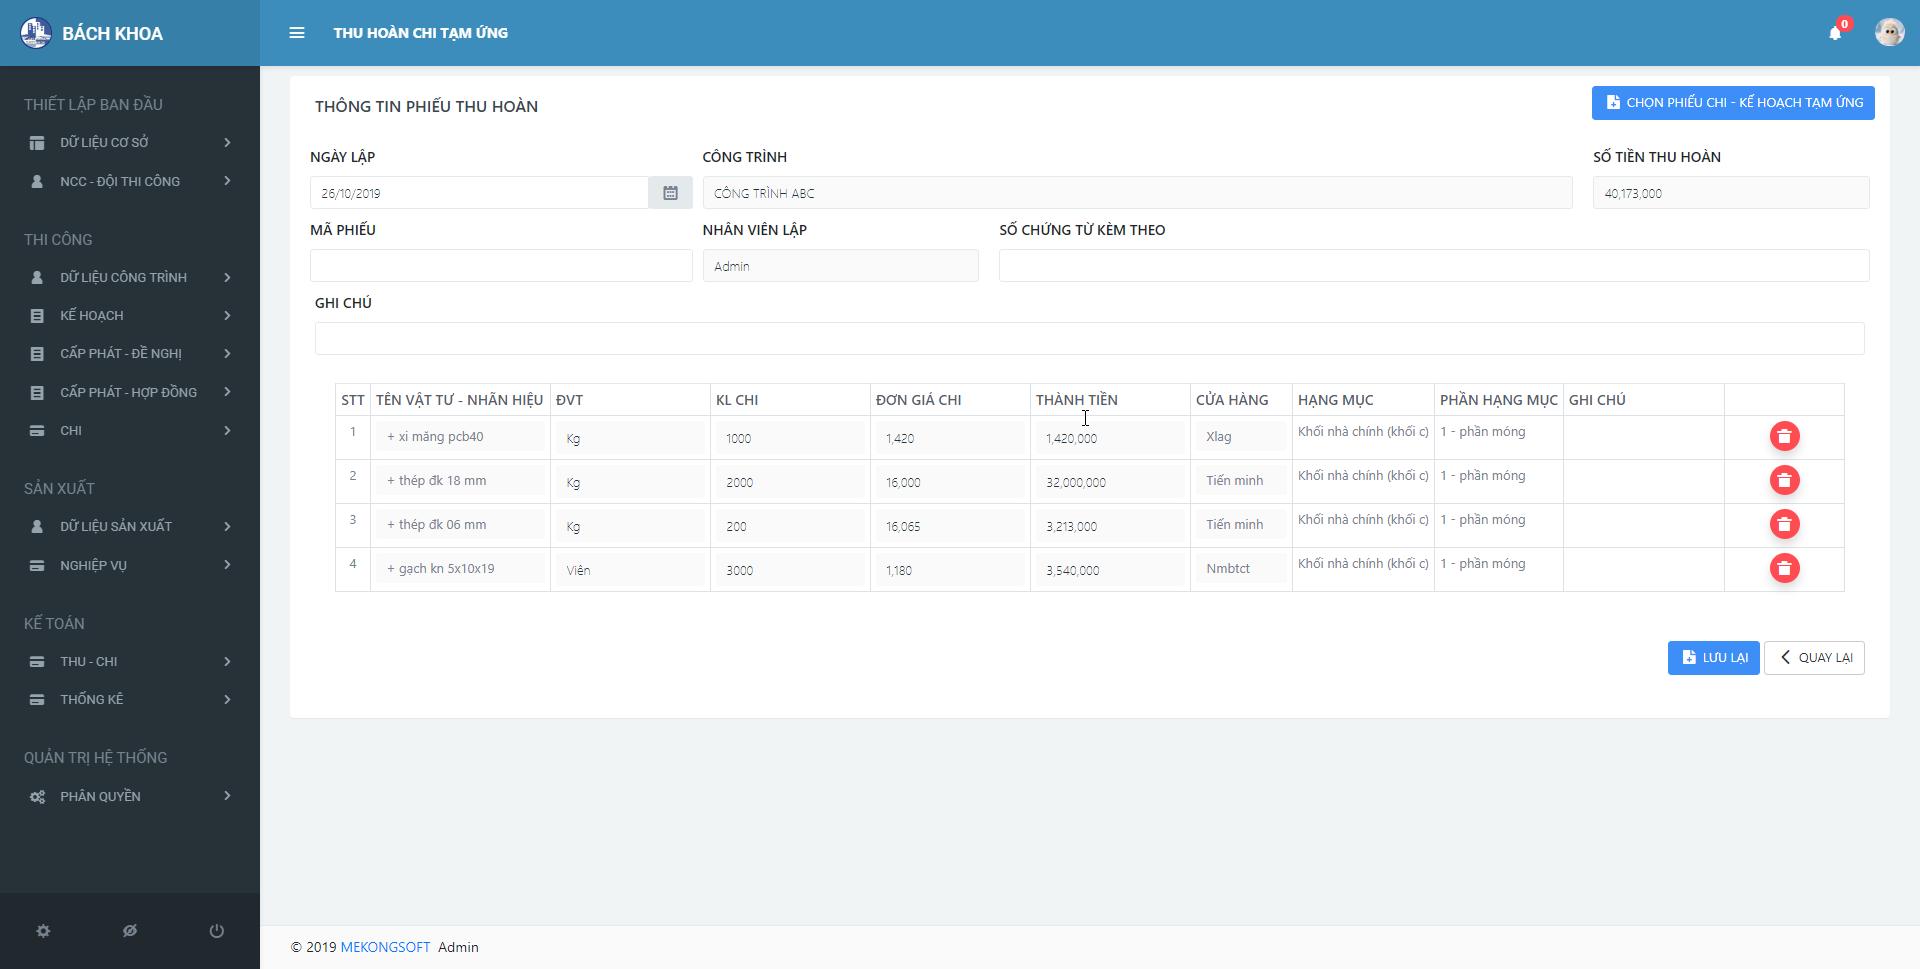 phần mềm quản lý thi công xây dựng 7